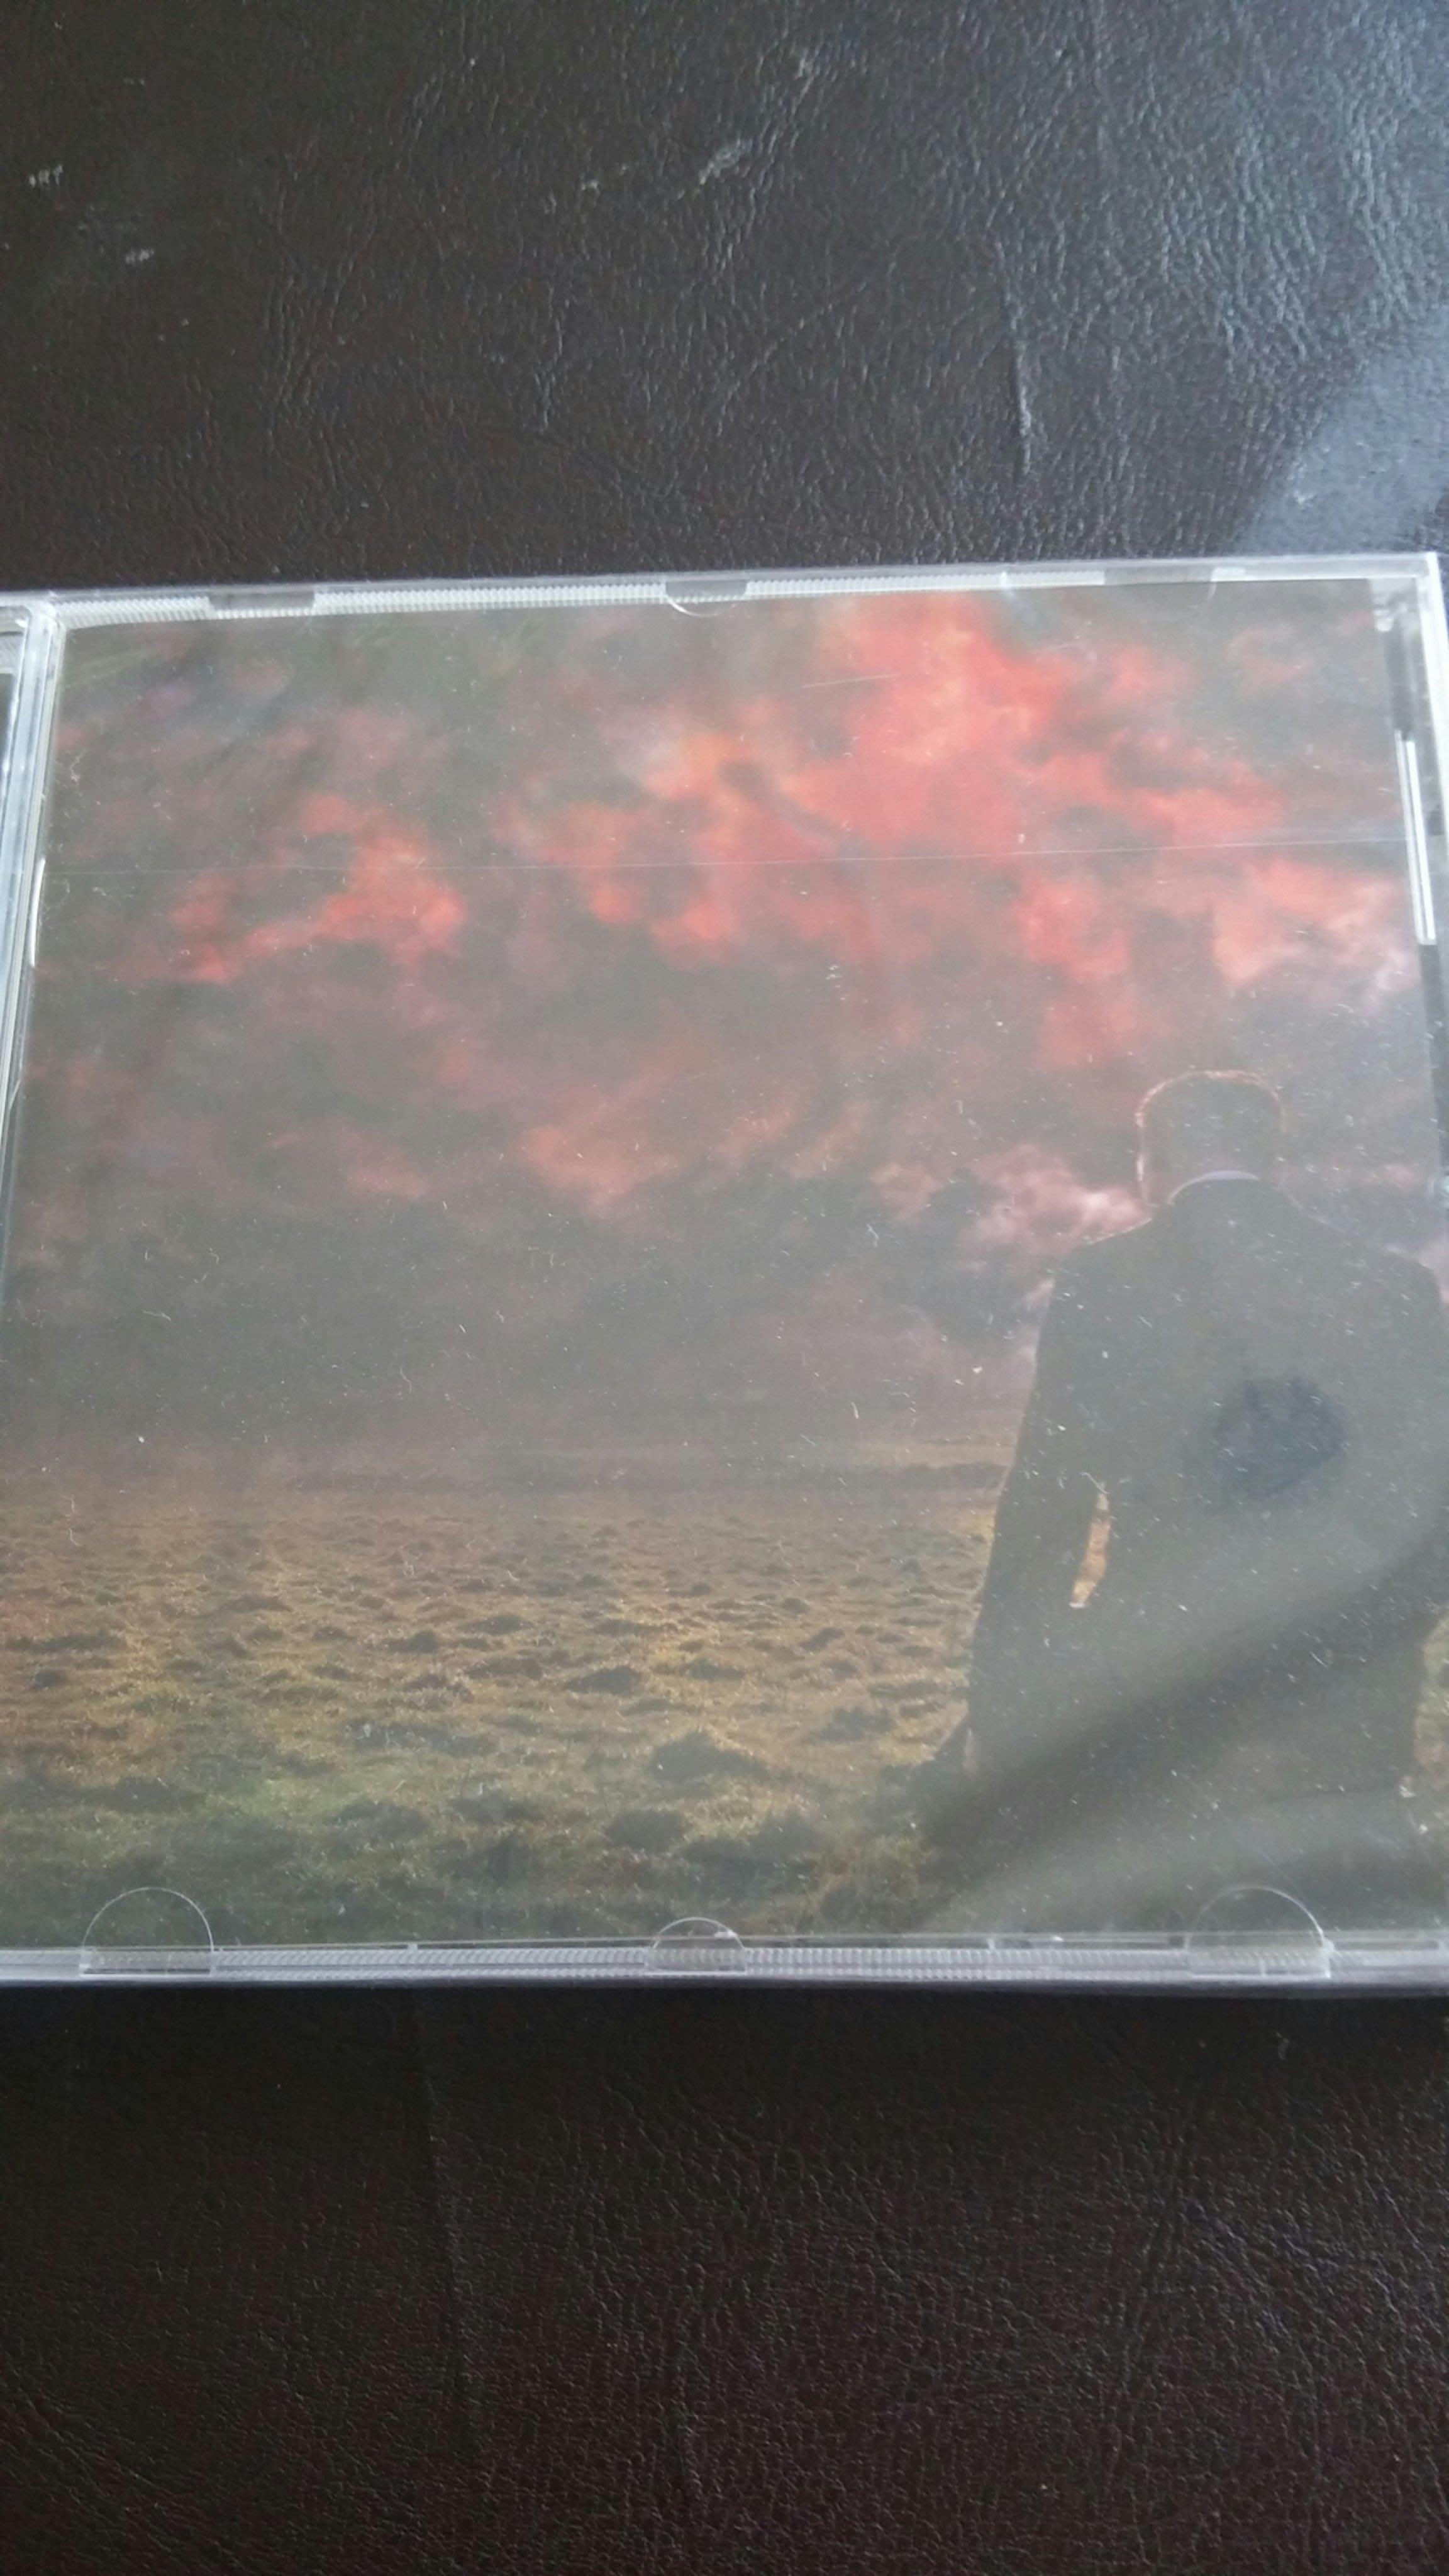 前衛搖滾 Arena - The unquiet sky